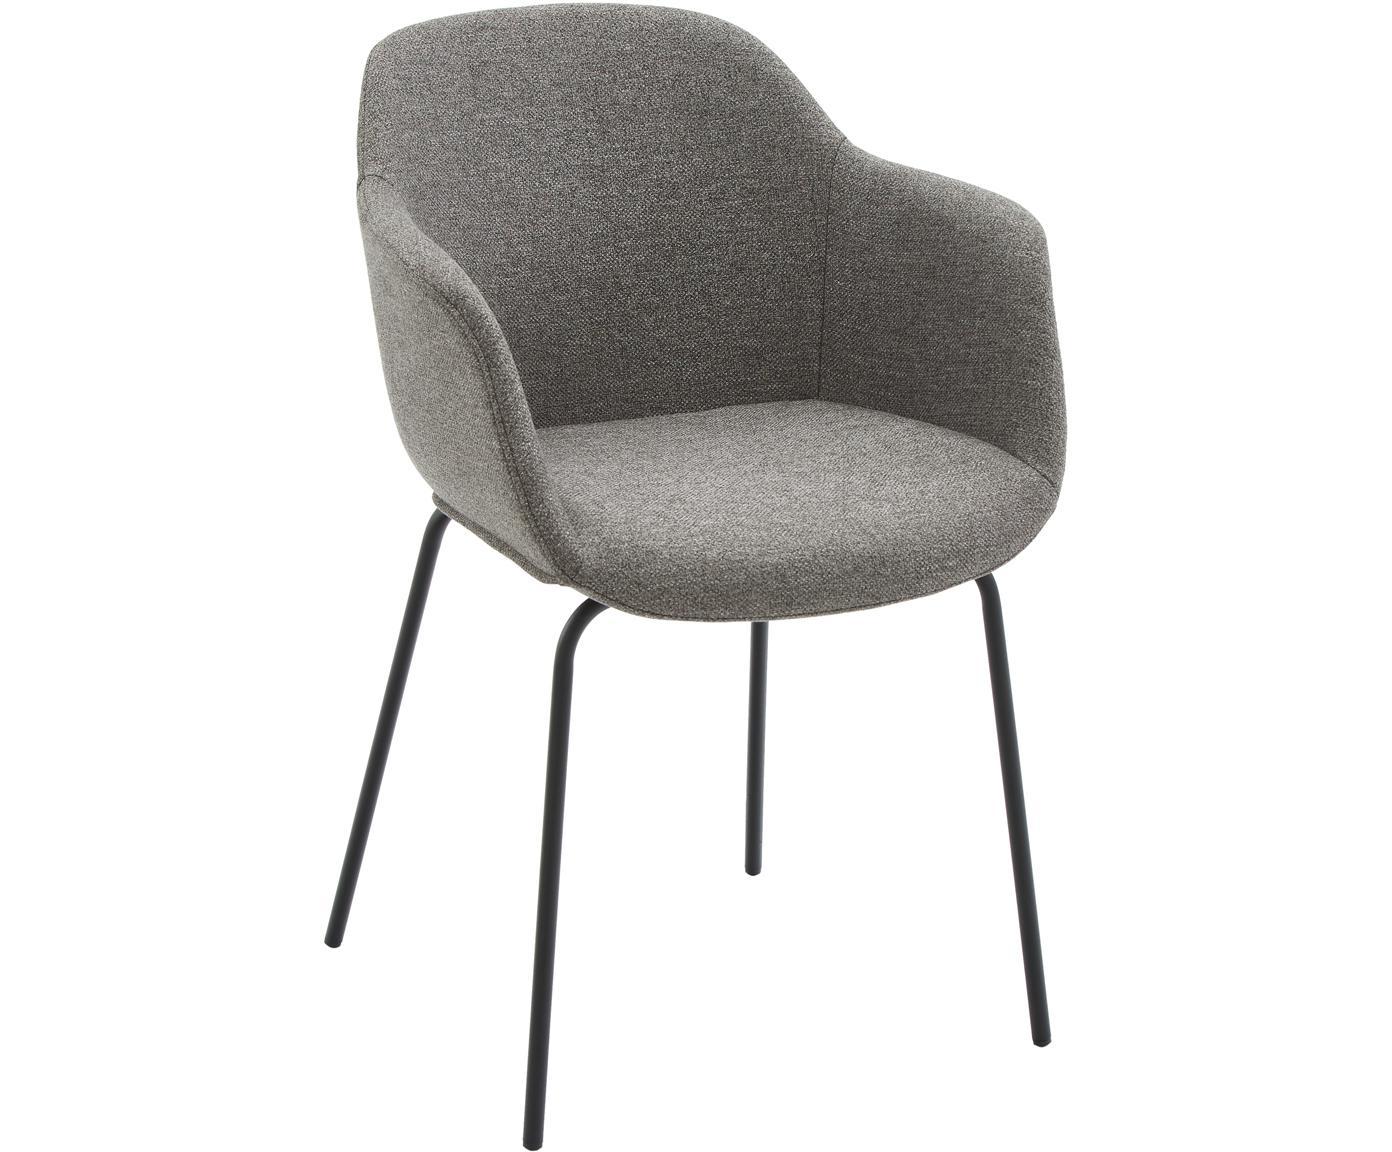 Armlehnstuhl Fiji mit Metallbeinen, Bezug: Polyester 40.000 scheuert, Beine: Metall, pulverbeschichtet, Sitzschale: Dunkelgrau Beine: Schwarz, matt, B 58 x T 56 cm